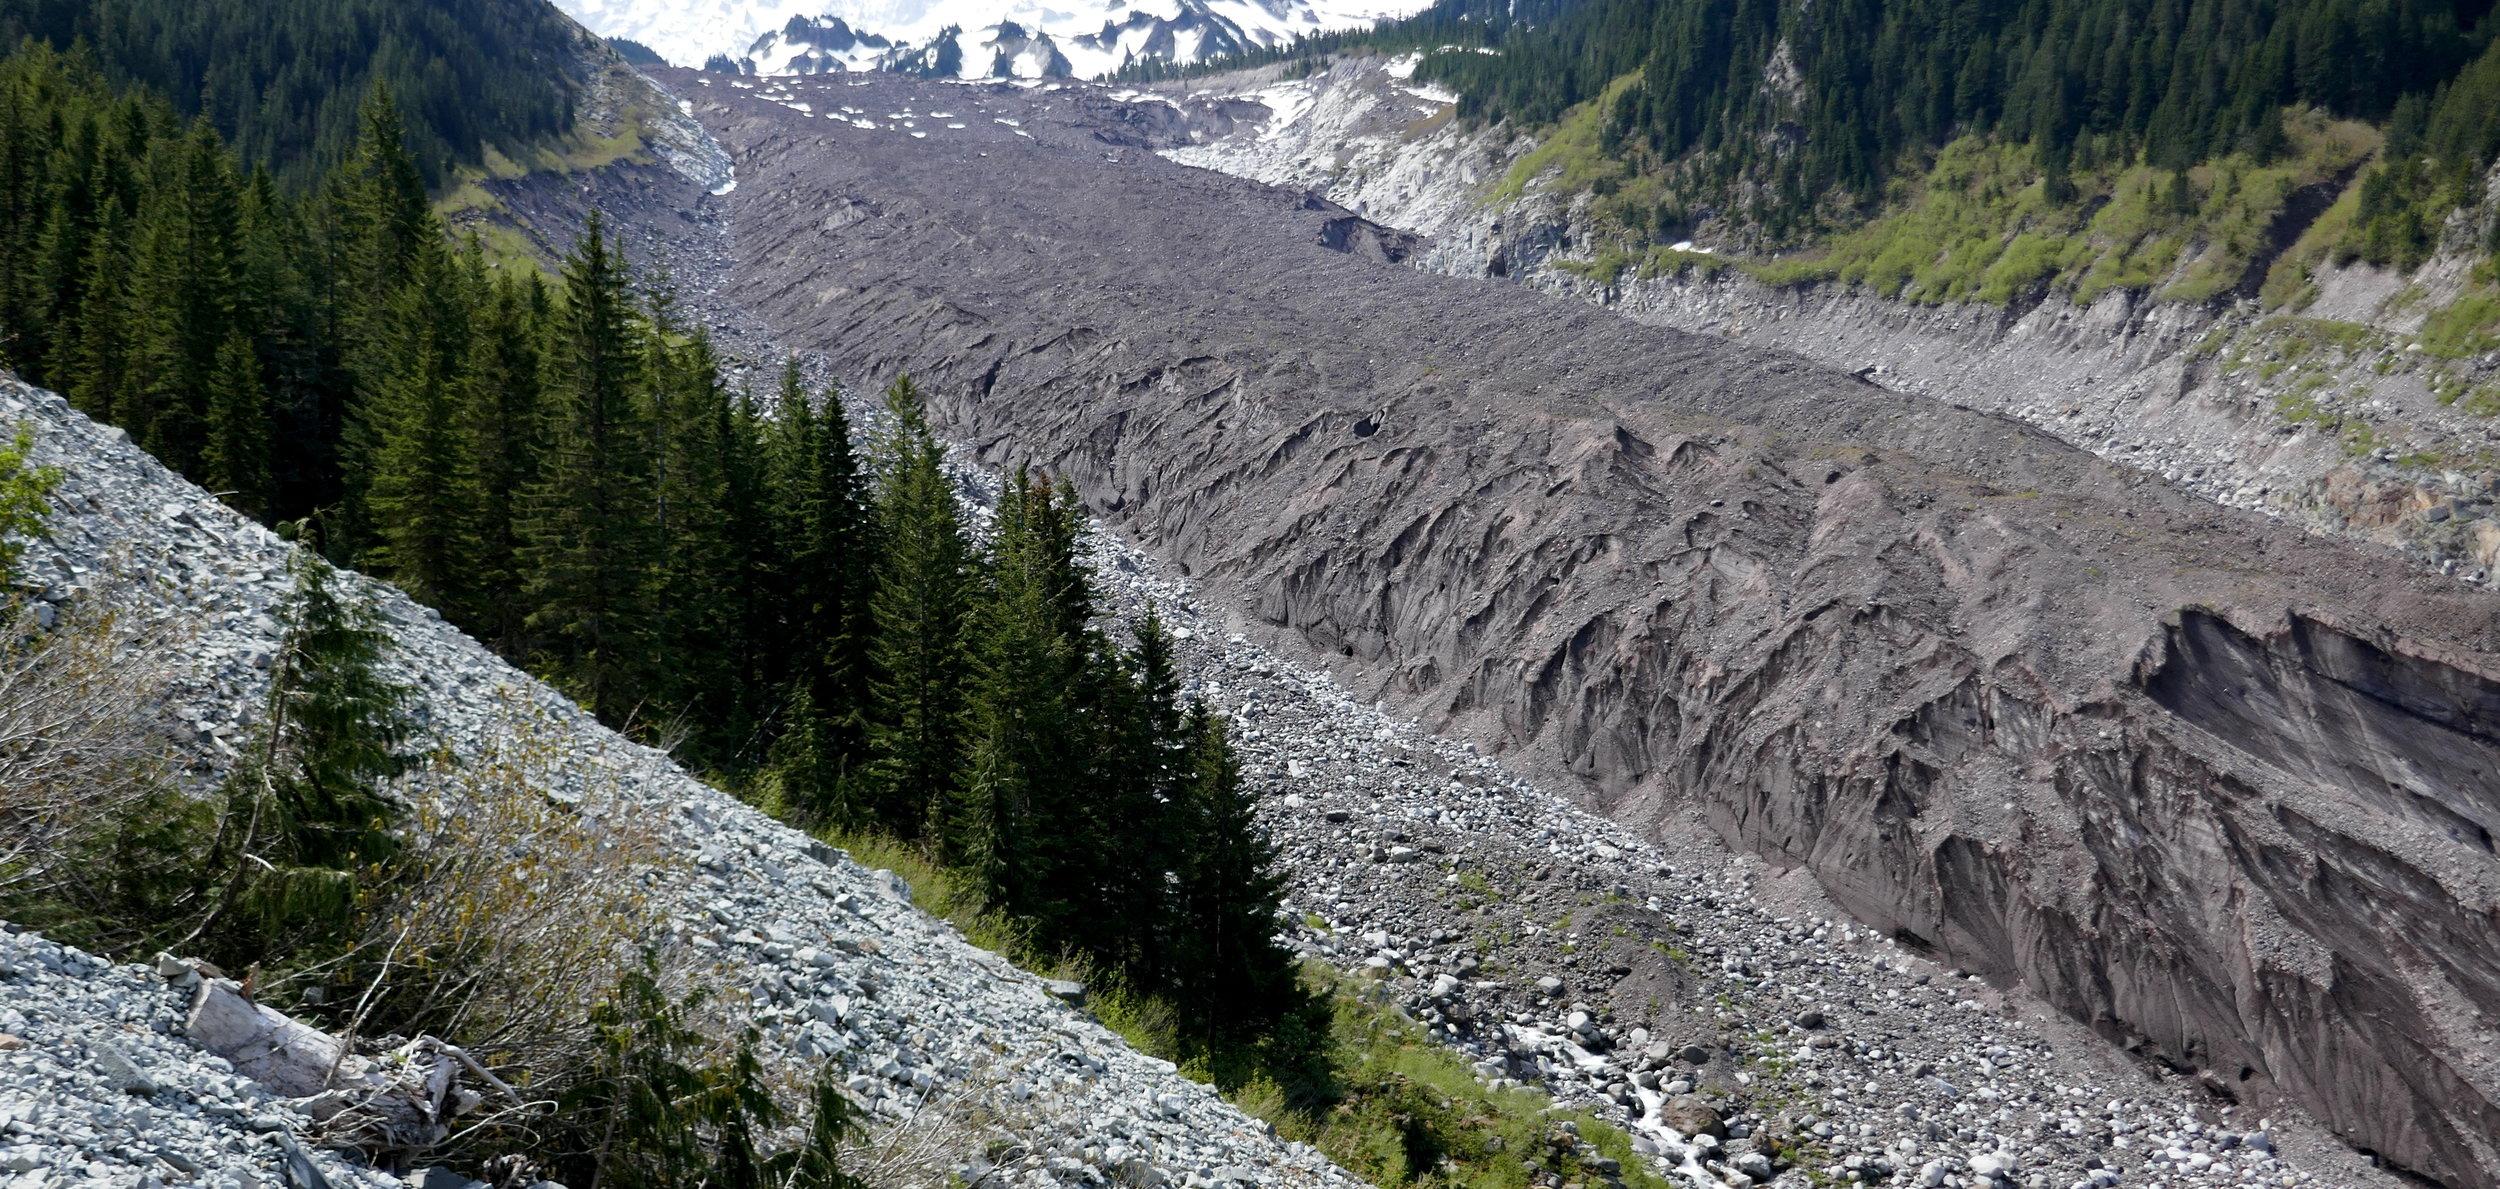 The lower Carbon Glacier